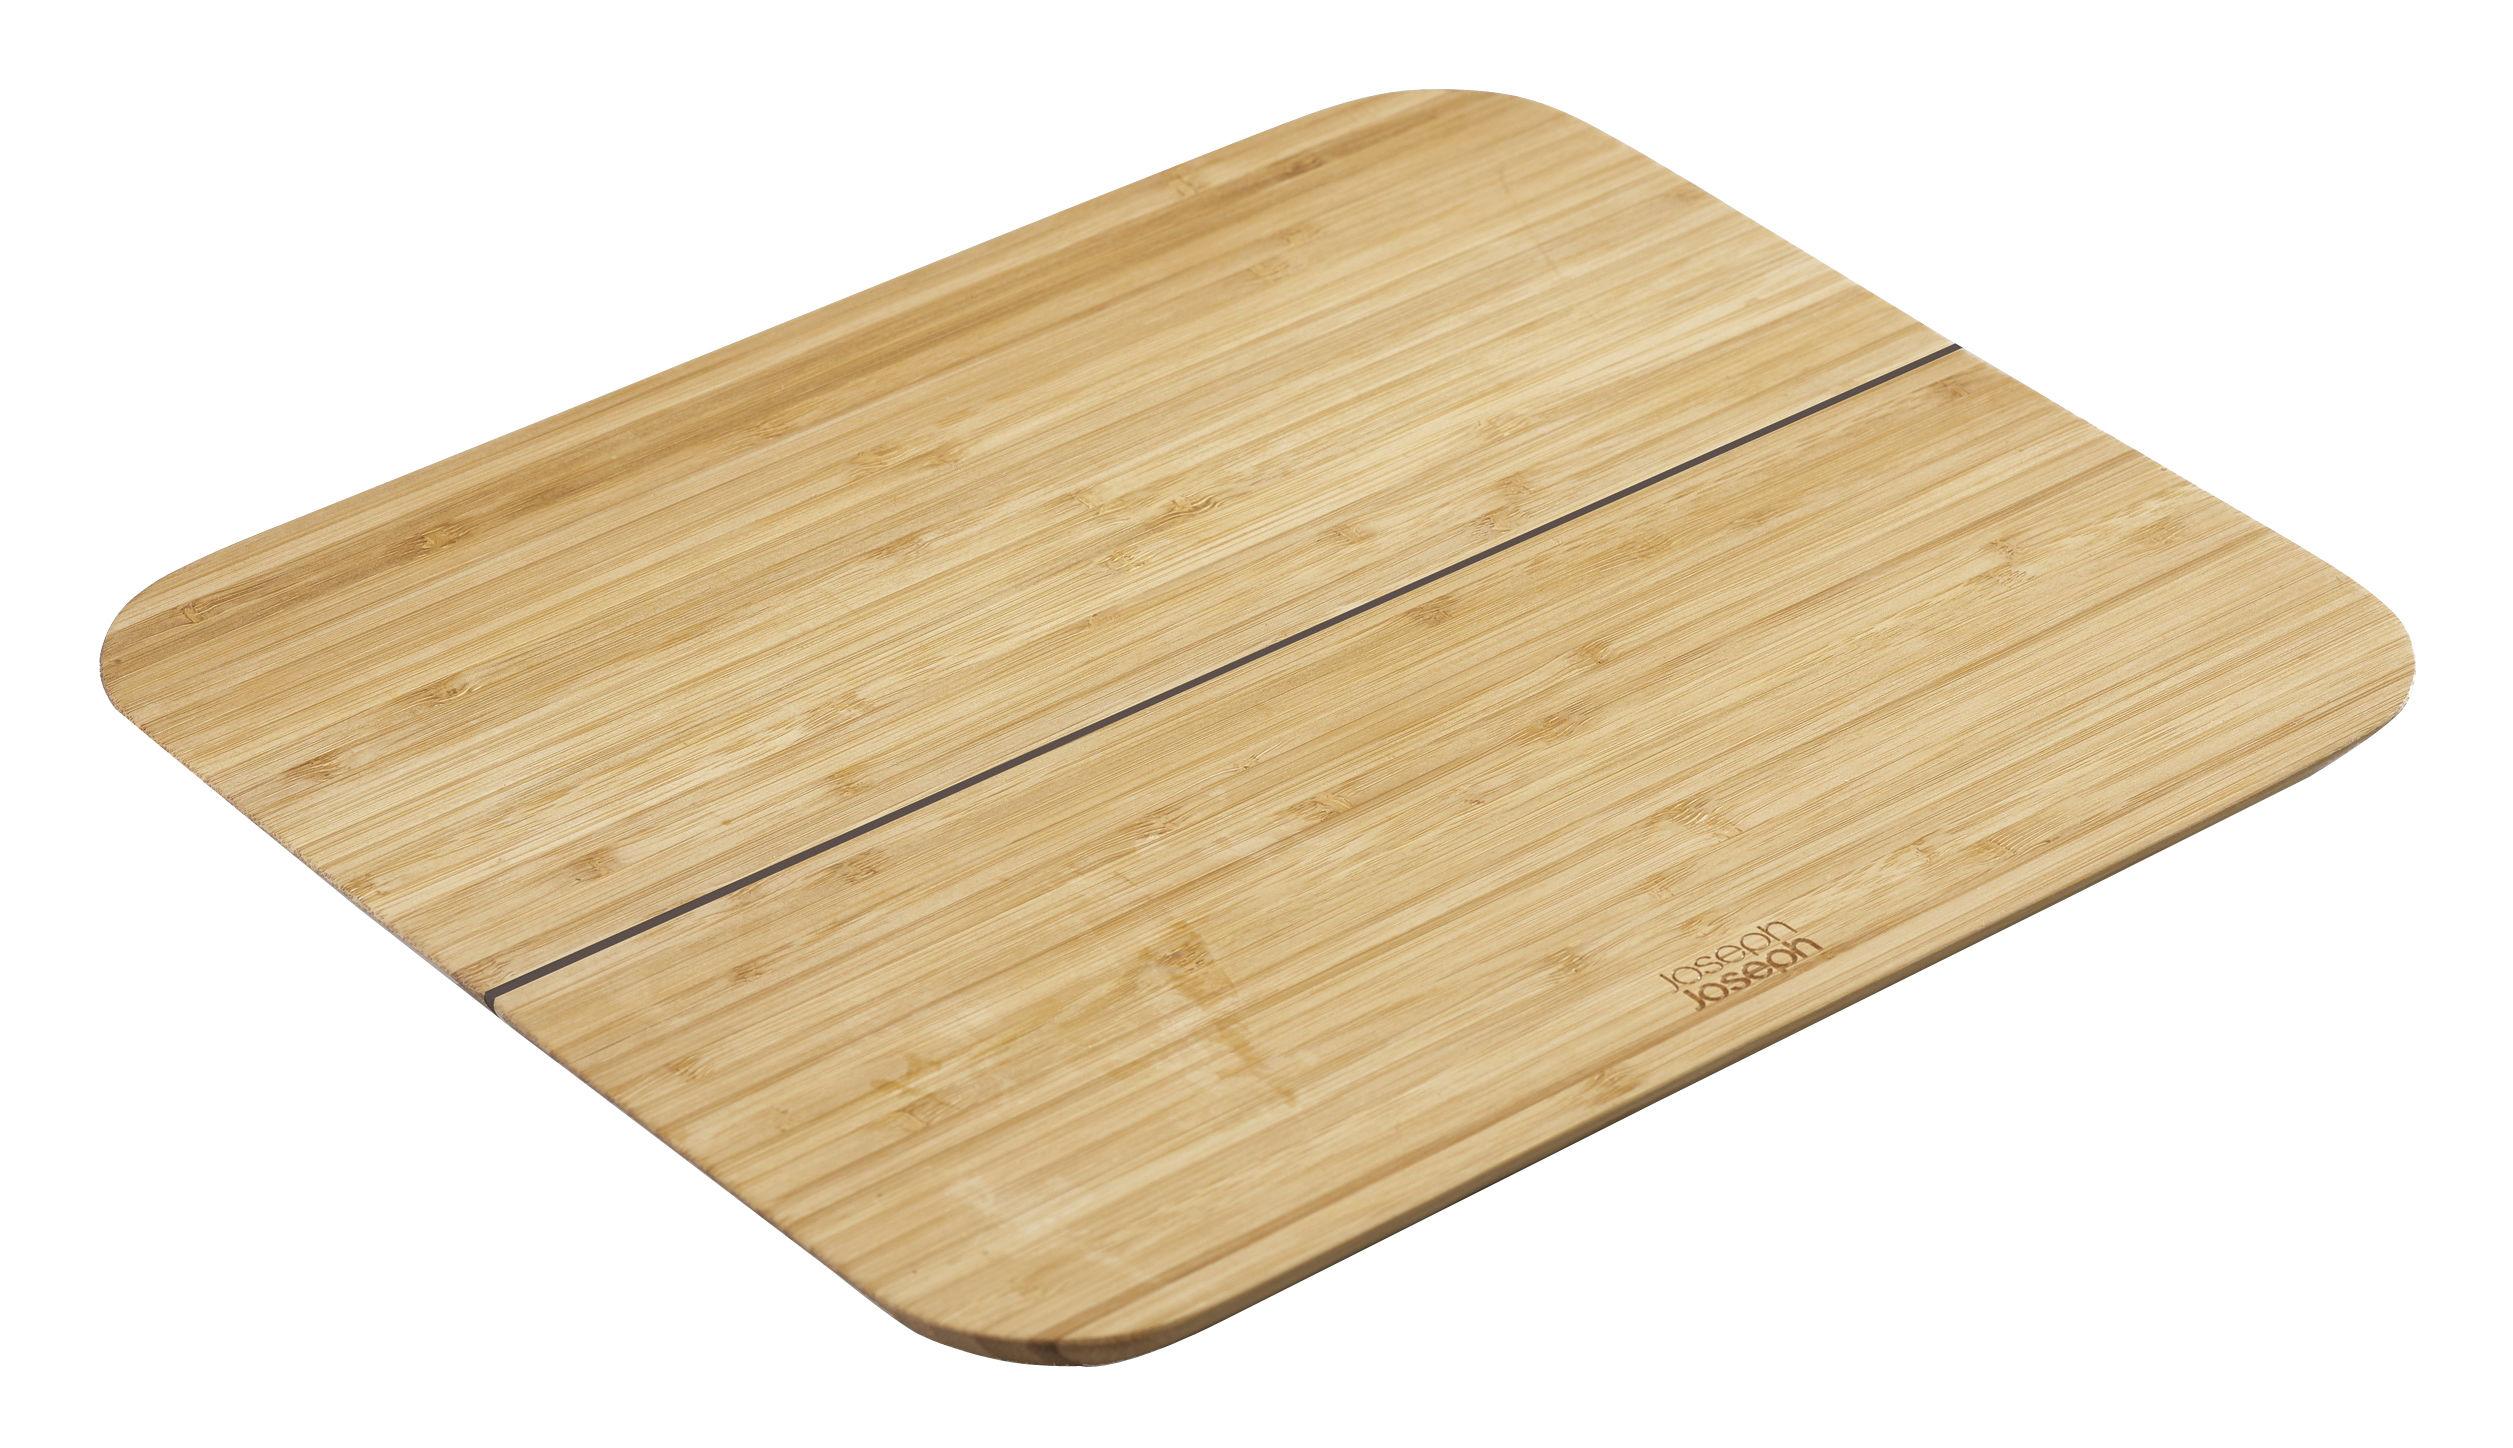 Cuisine - Ustensiles de cuisines - Planche à découper Chop2Pot Bambou / Pliable - L 33 cm - Joseph Joseph - Bambou - Bambou, Silicone